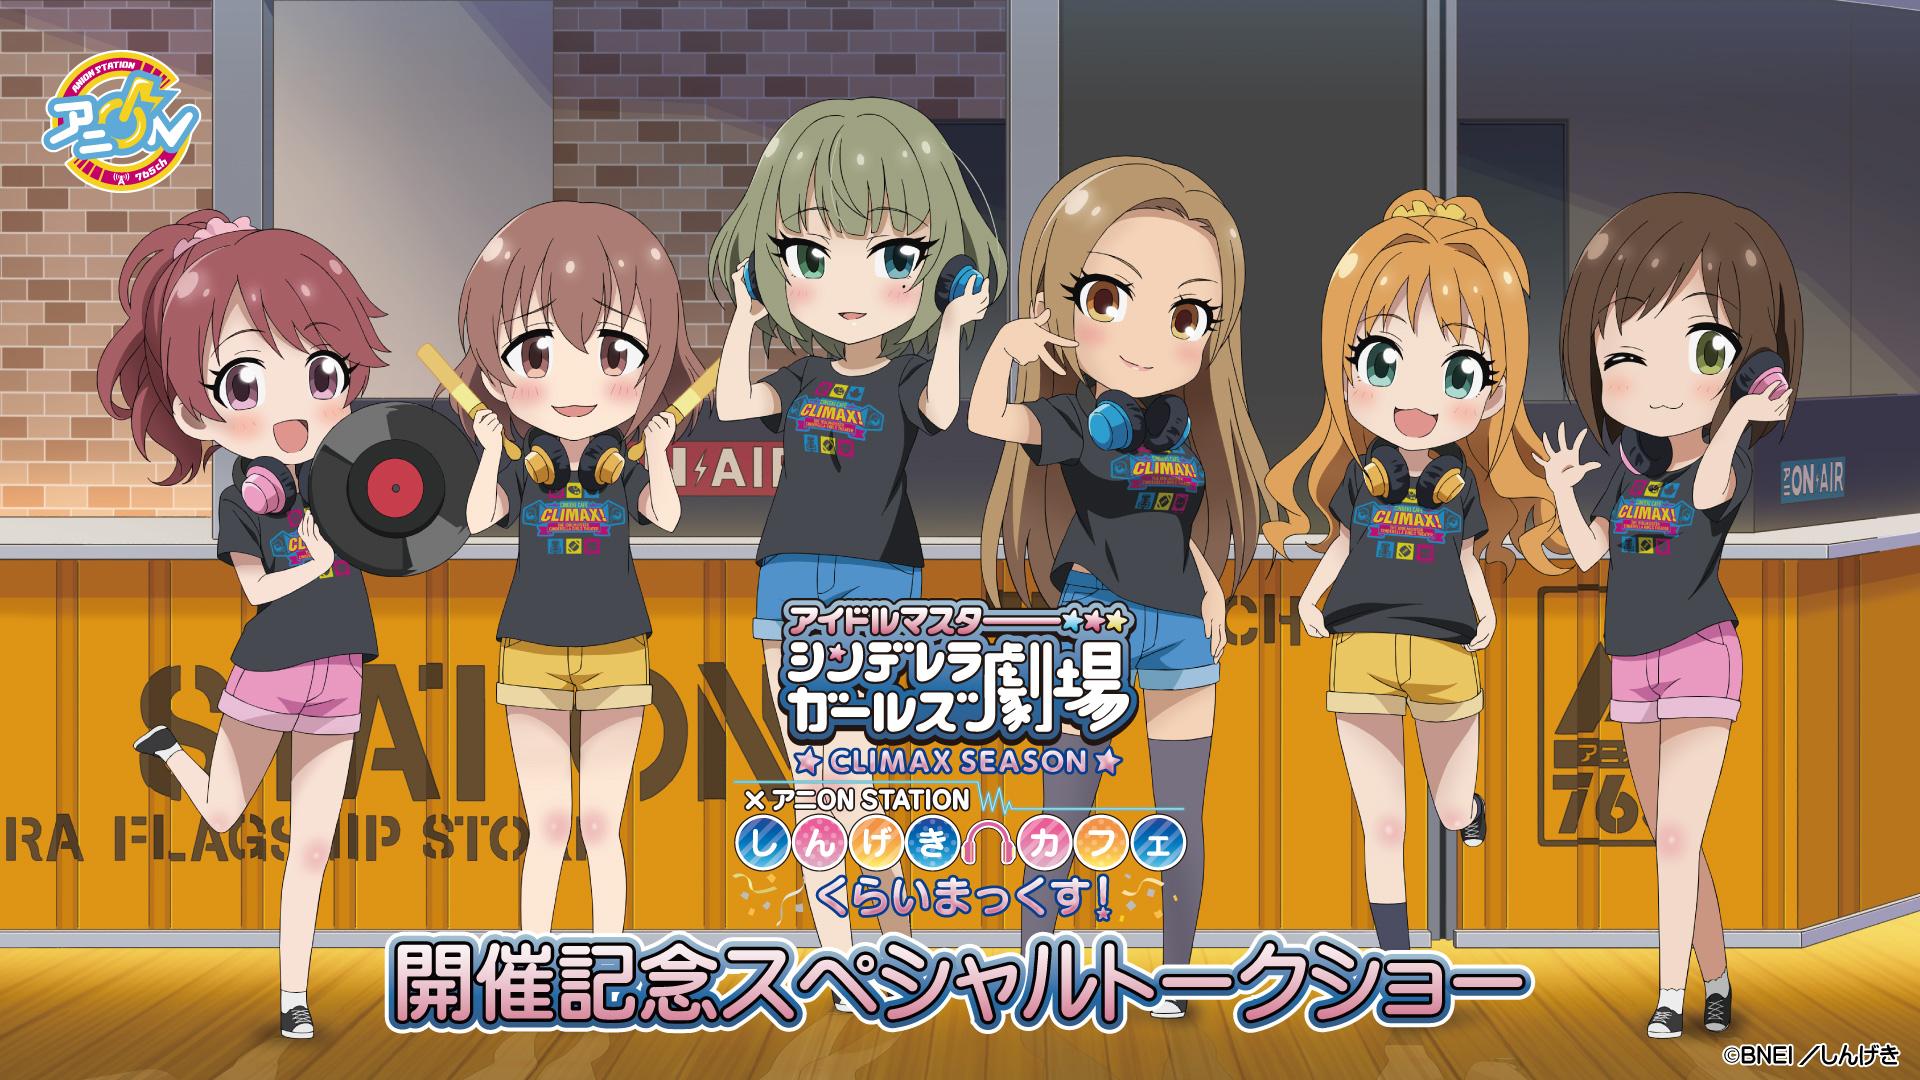 【8/20(火)】しんげきカフェ くらいまっくす!開催記念スペシャルトークショー